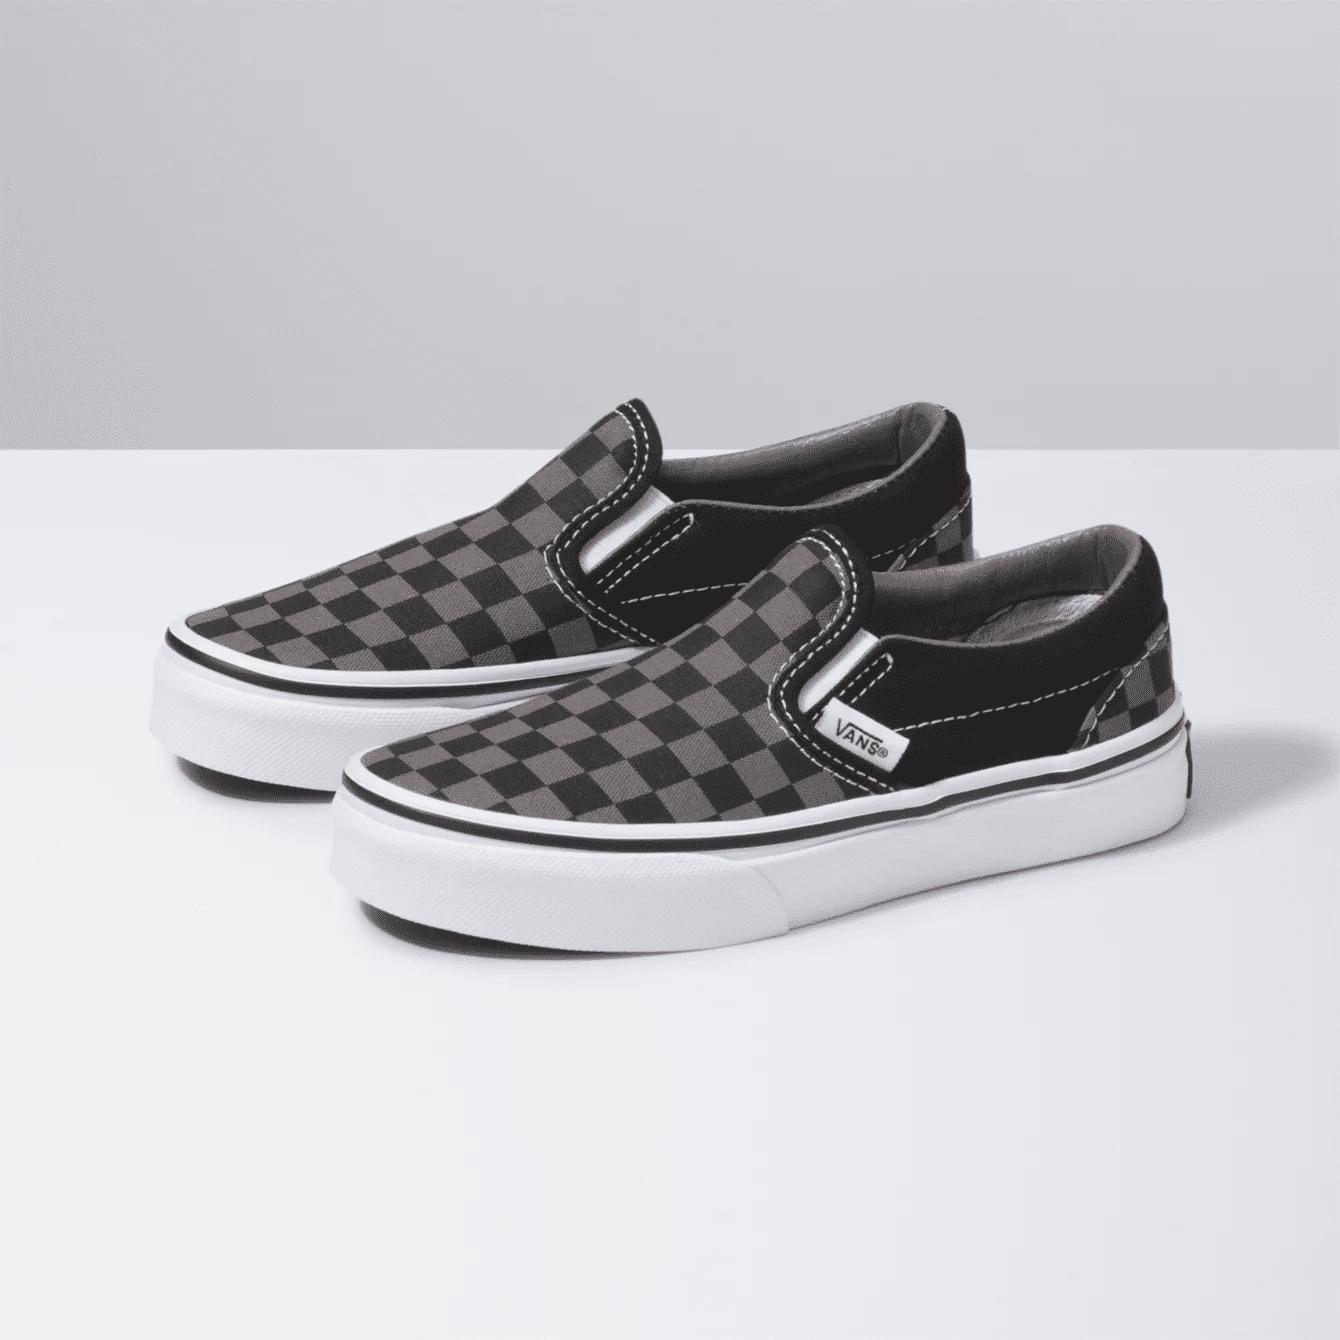 Vans Kids Checkerboard Slip Ons